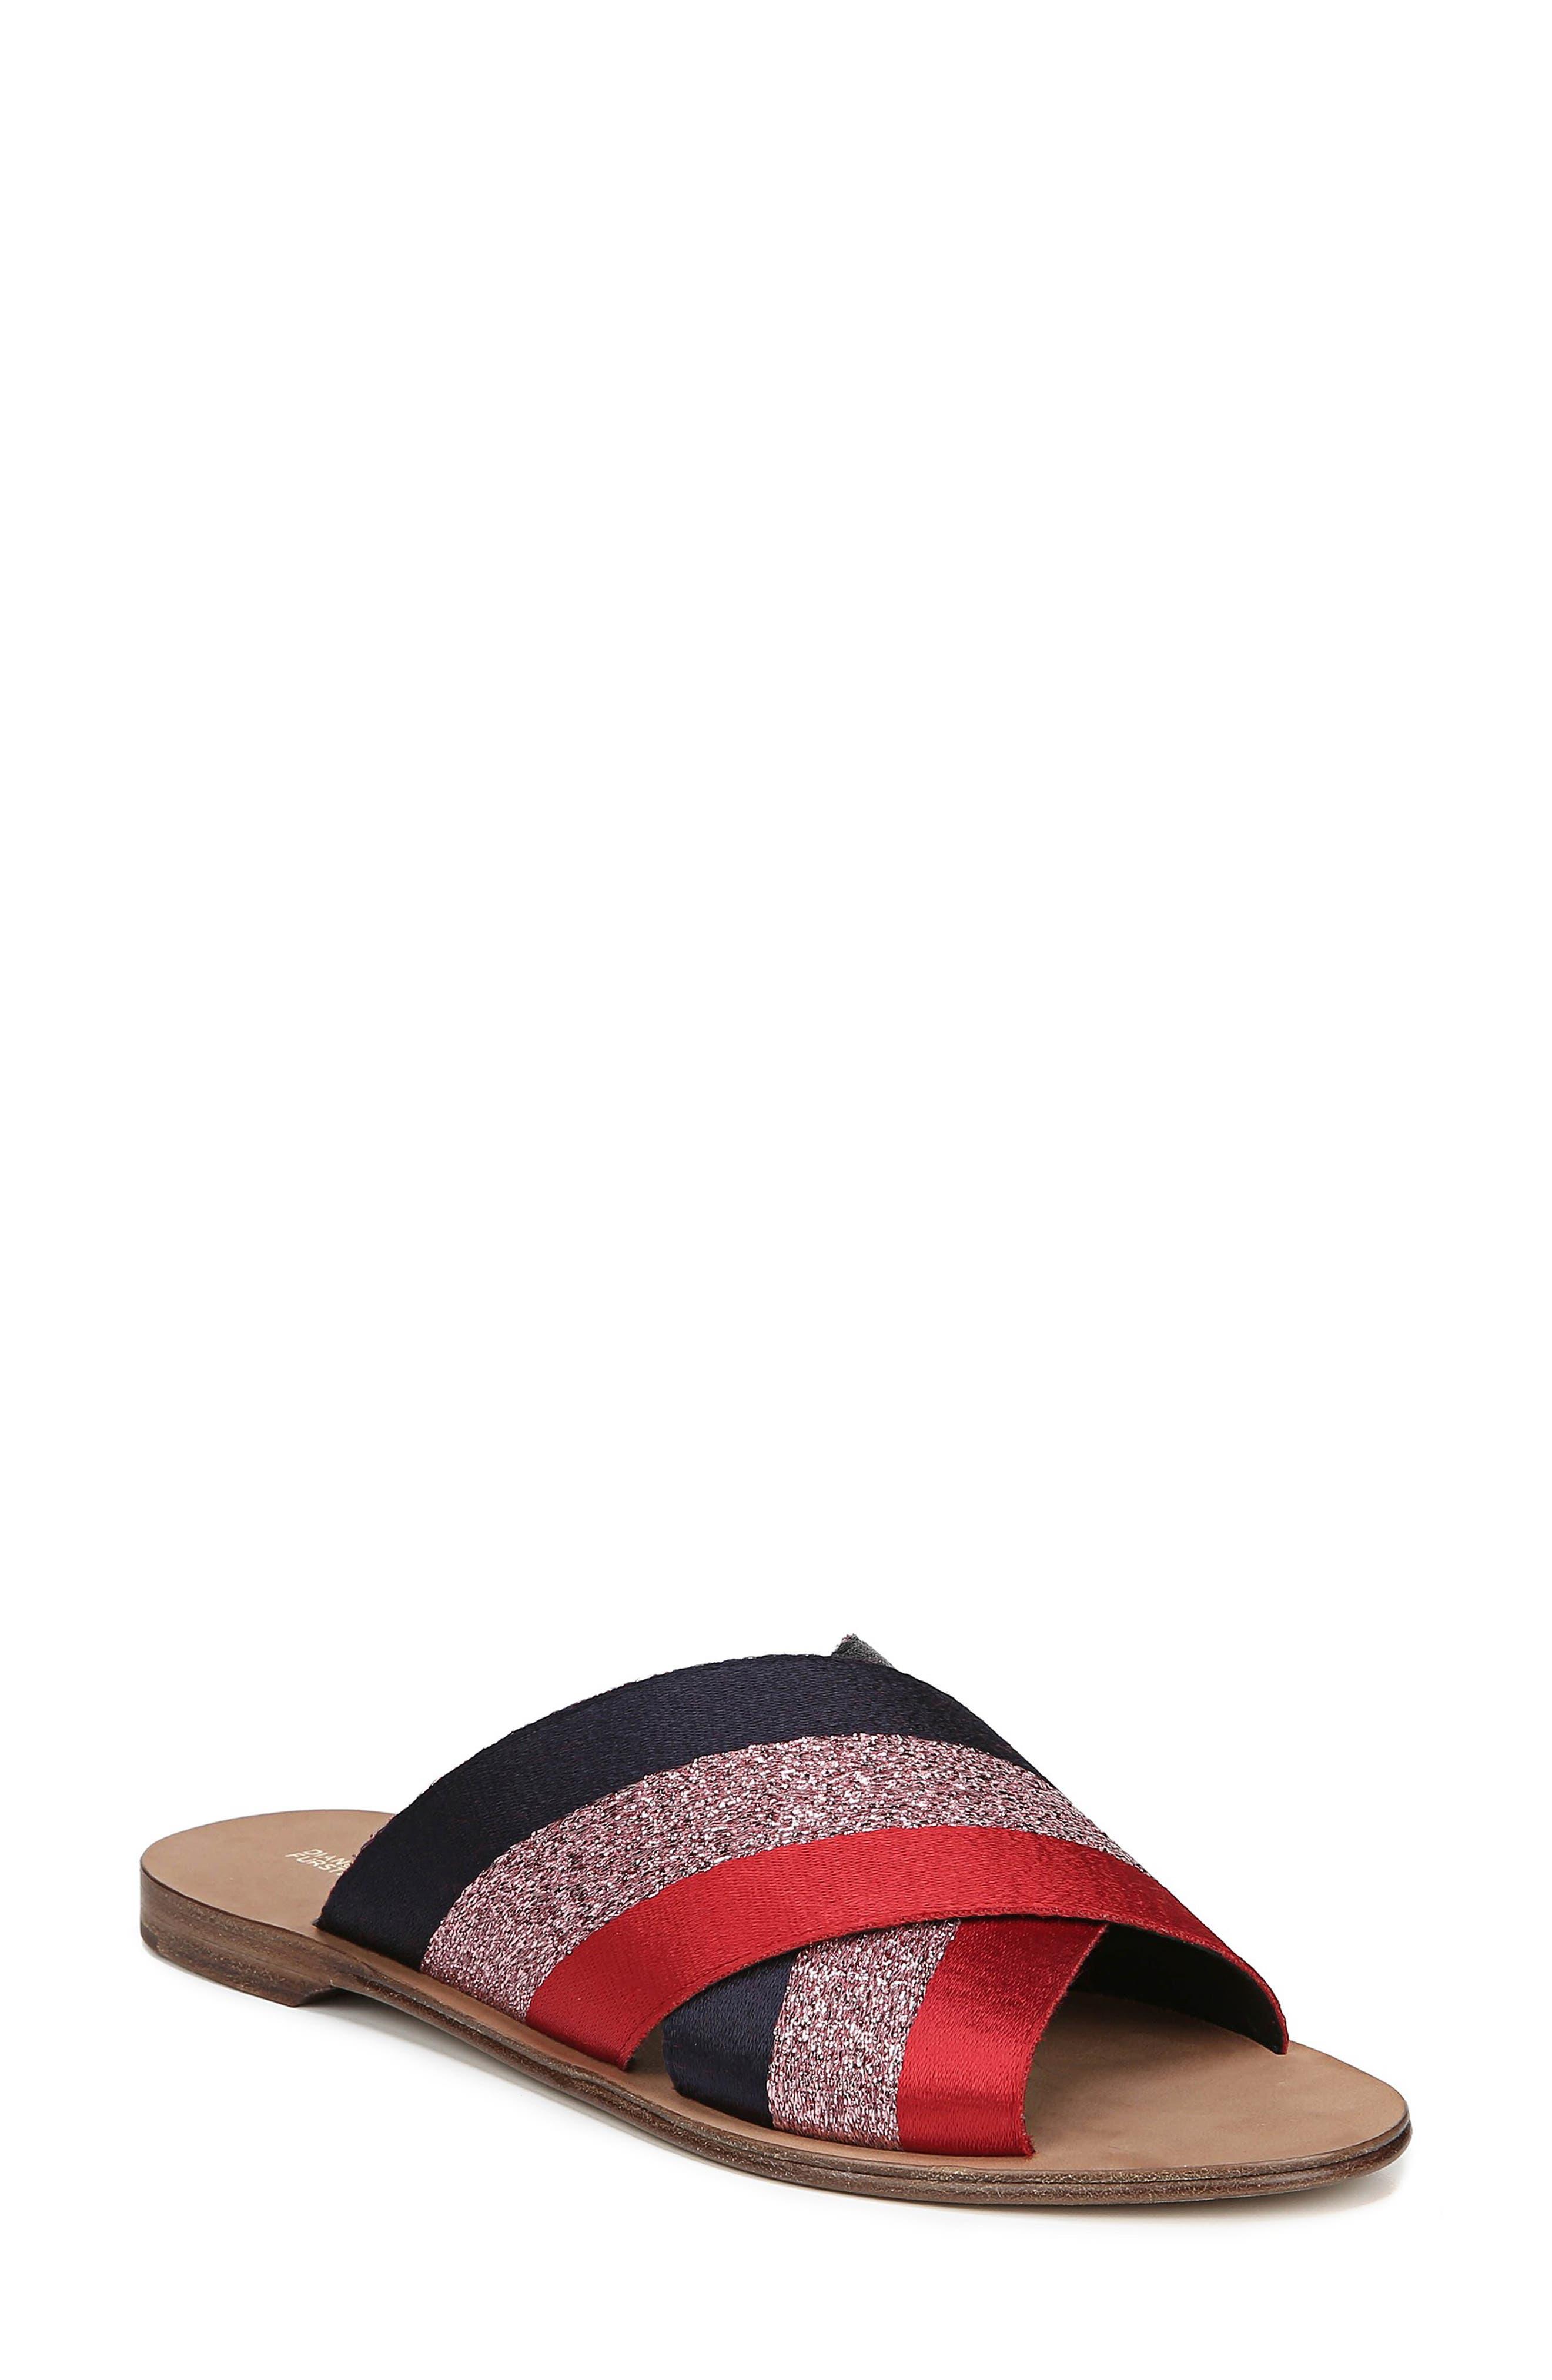 Diane Von Furstenberg Bailie Sandal- Red